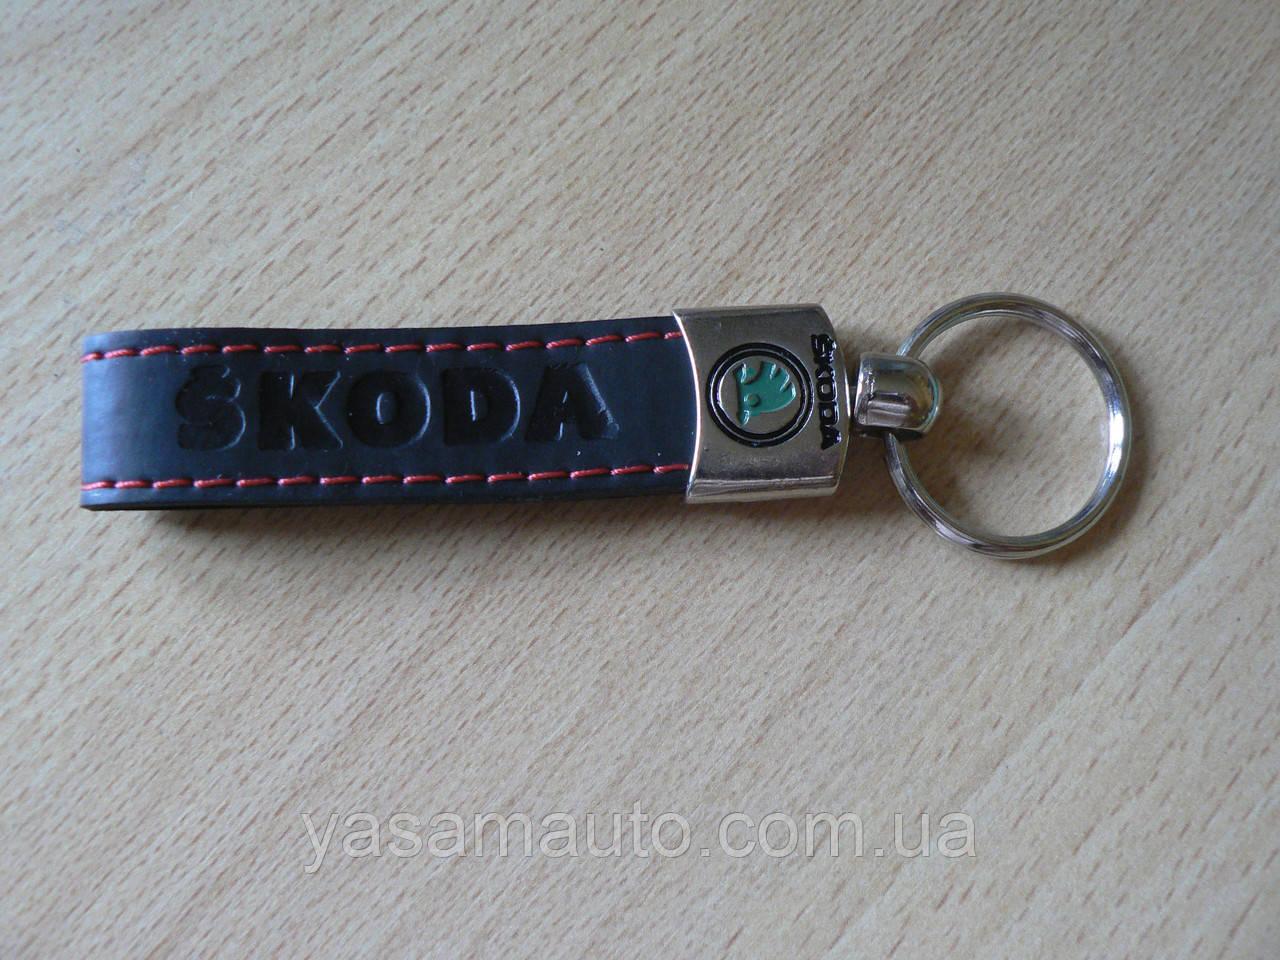 Брелок хлястик Skoda 110 черный №1 есть мазок краски логотип эмблема Шкода автомобильный на авто ключи